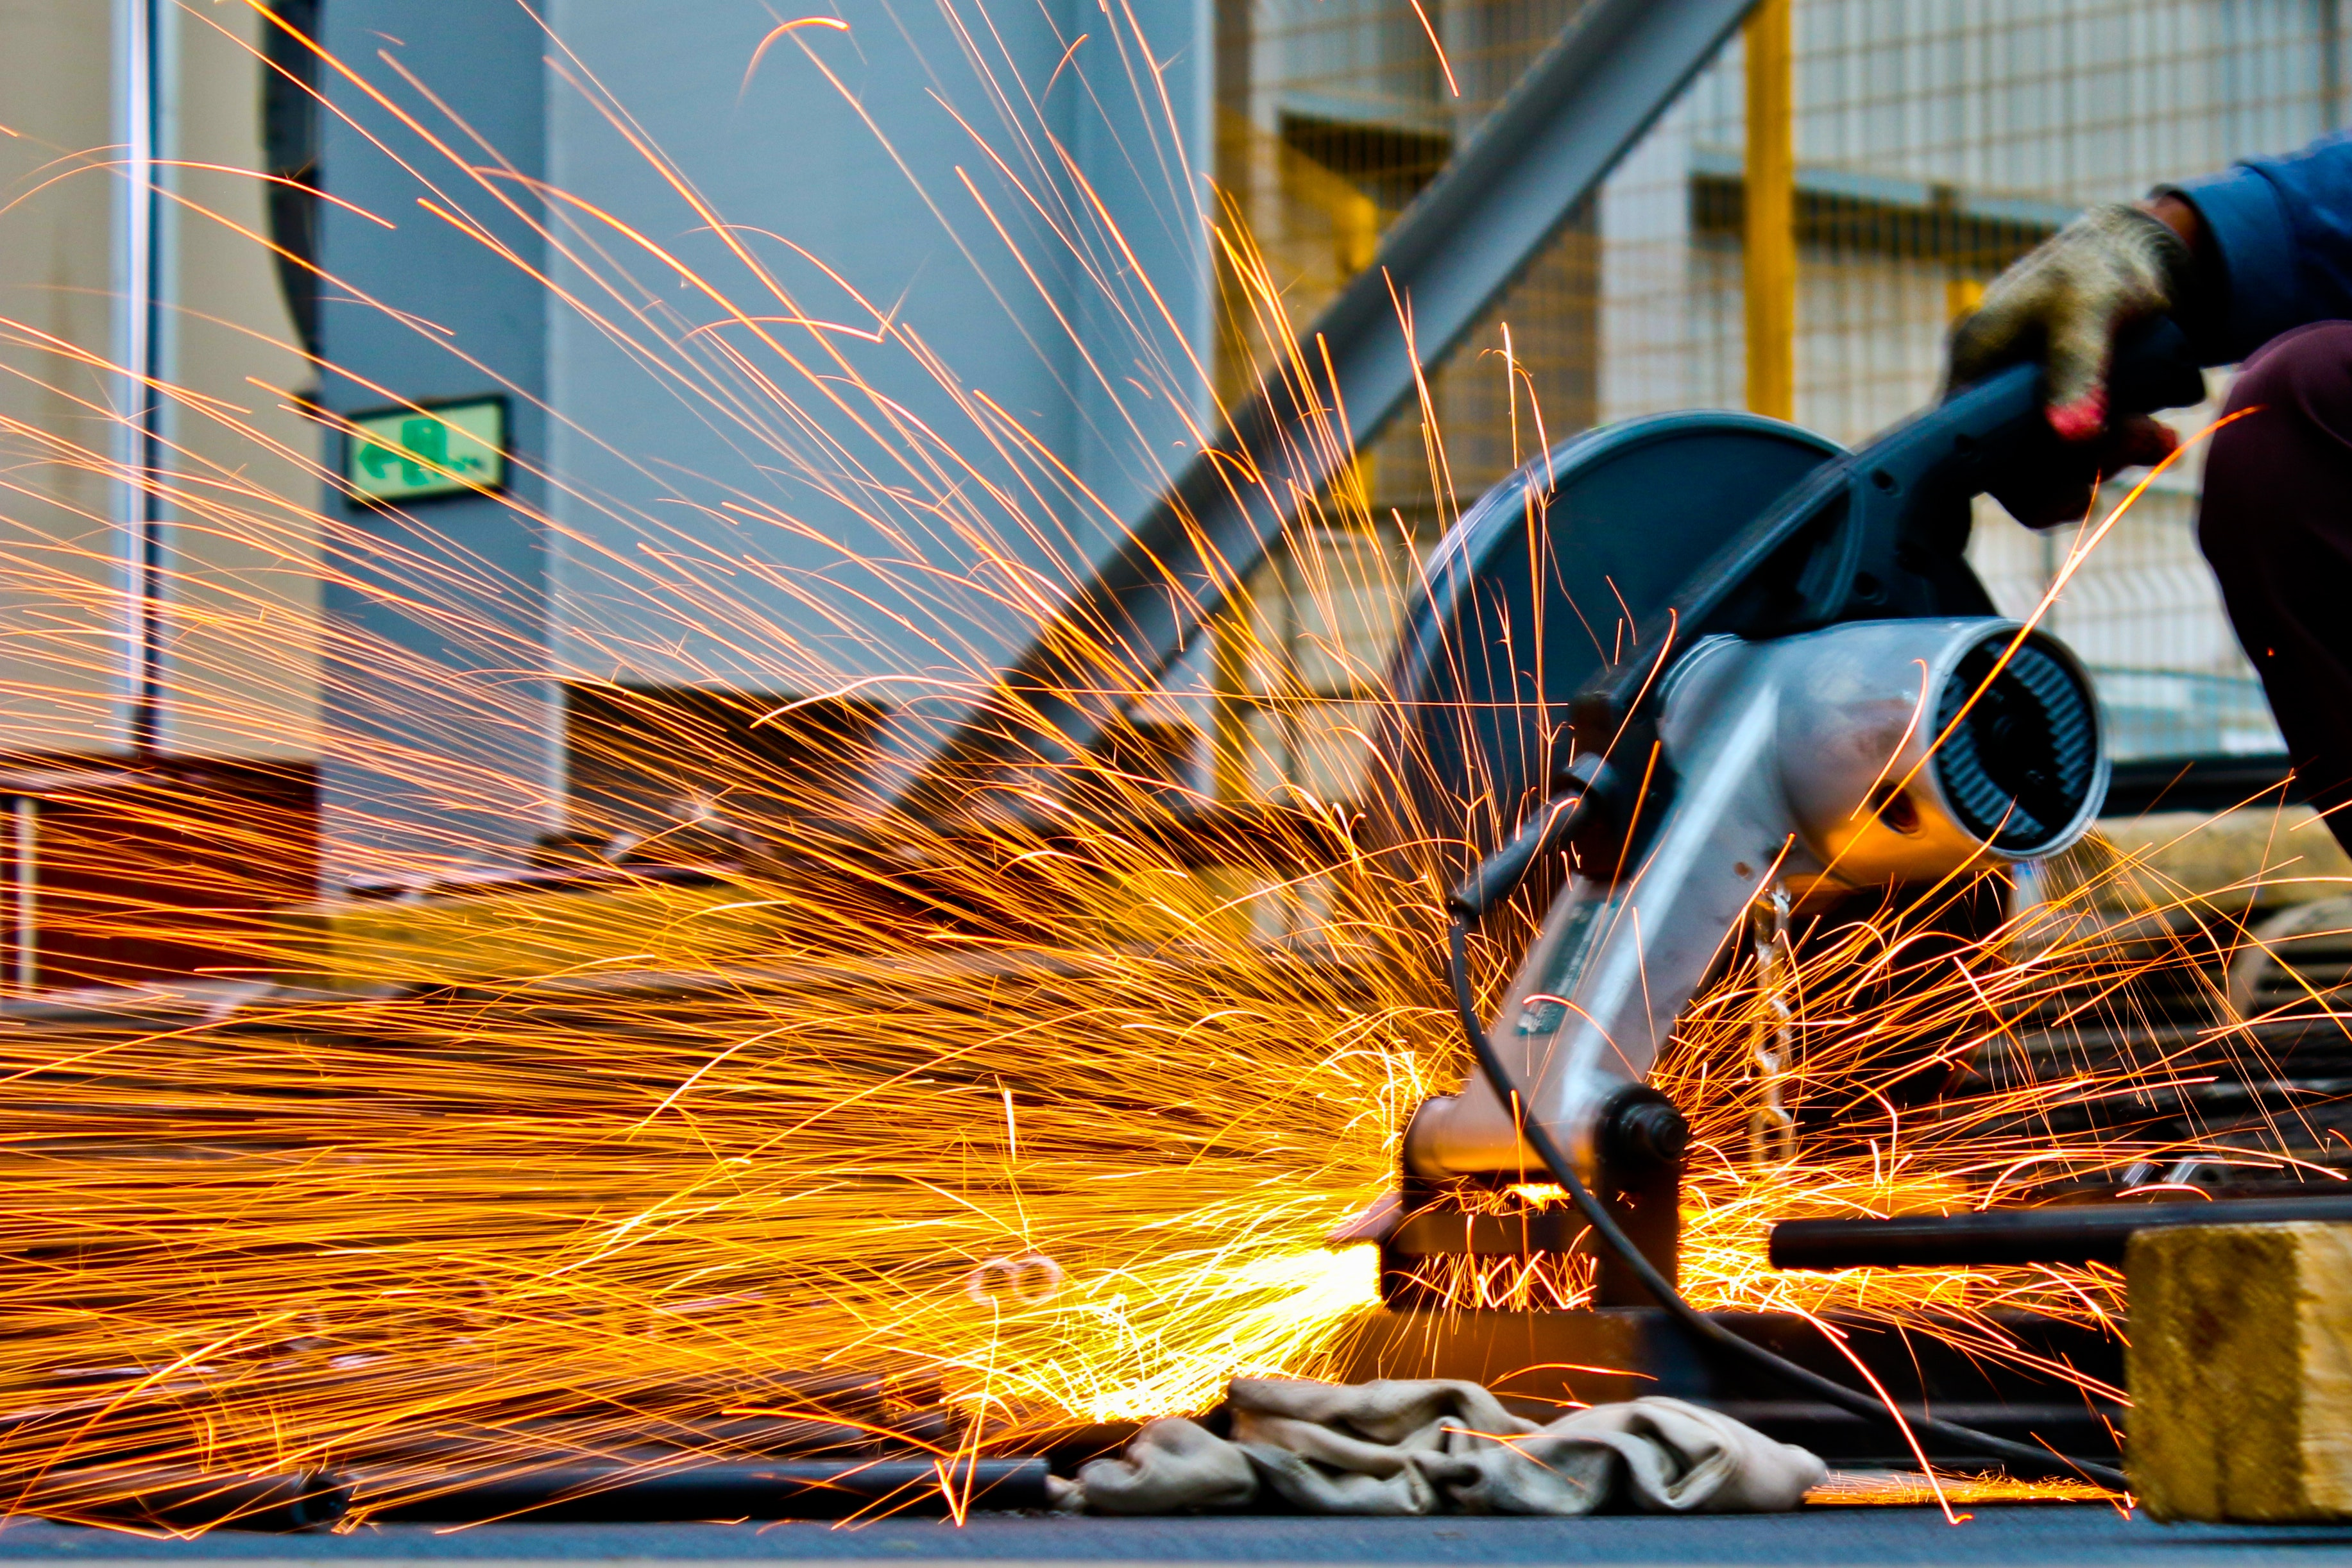 Pessoa utiliza serra circular para cortar ferros em uma obra